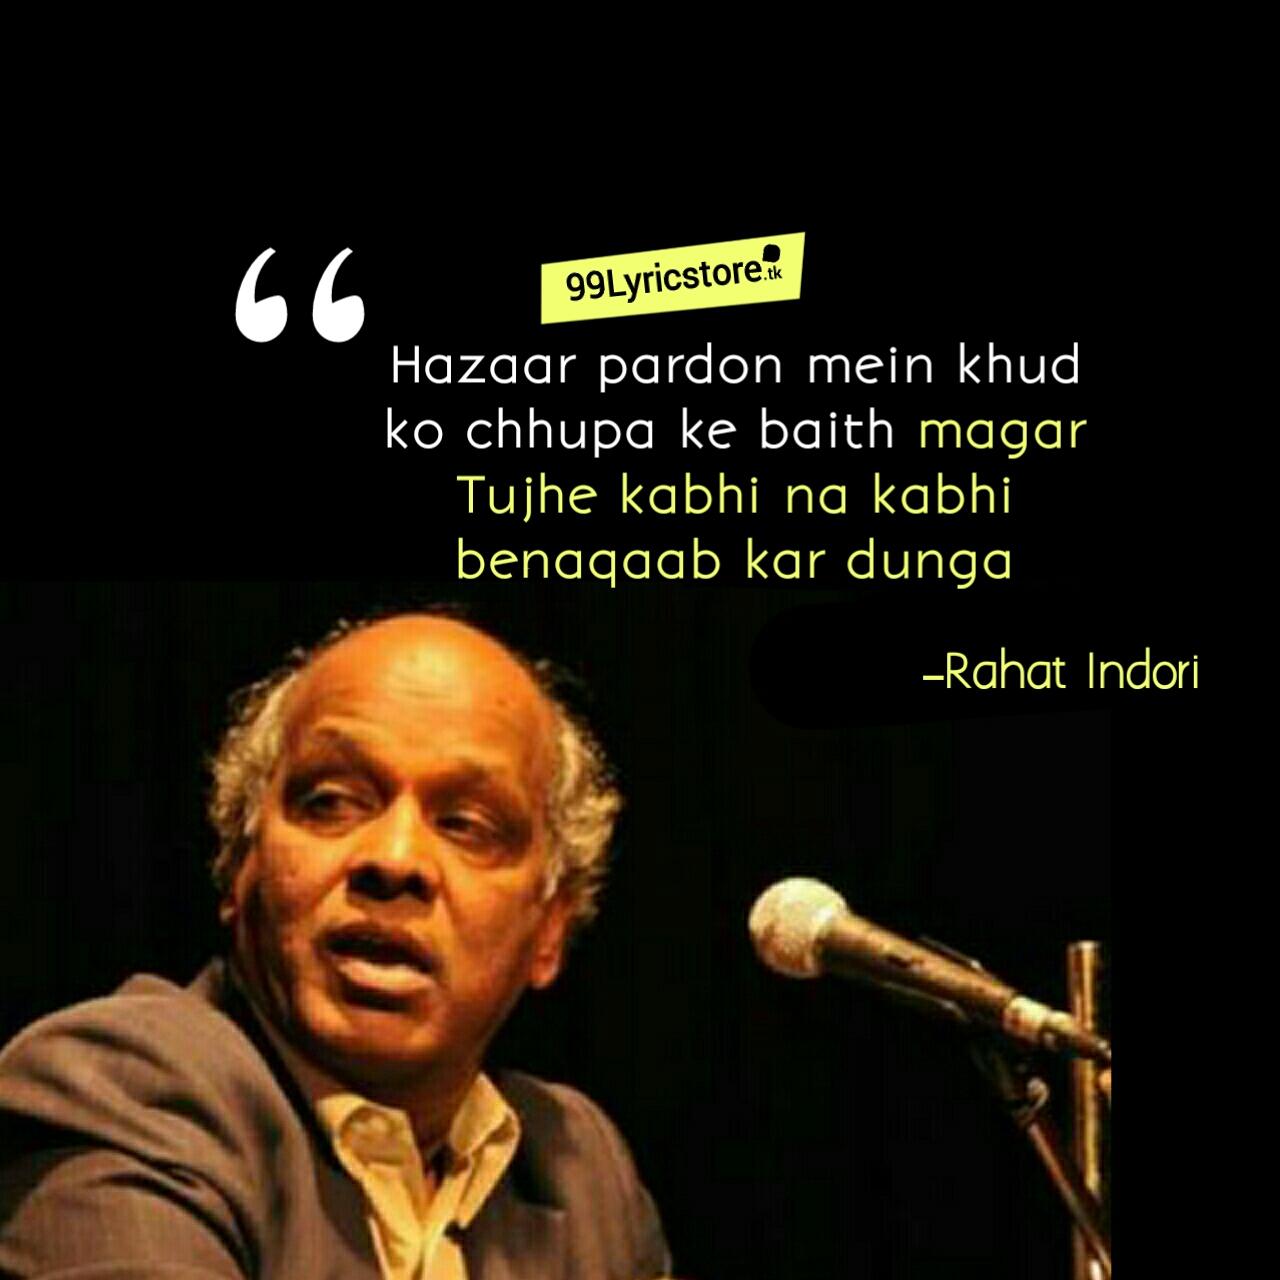 Hazar Pardo Me Khud Ko Chhupa Ke Baith Magar – Rahat Indori | Ghazal And Shayari, Hazar pardo me khud ko ghazal Rahat Indori in hindi, Rahat Indori Ghazal, Rahat Indori Poetry, Rahat Indori Shayari, Rahat Indori Quotes image, Rahat Indori videos, Hazaar pardon mein khud ko chhupa ke baith magar Tujhe kabhi na kabhi benaqaab kar dunga